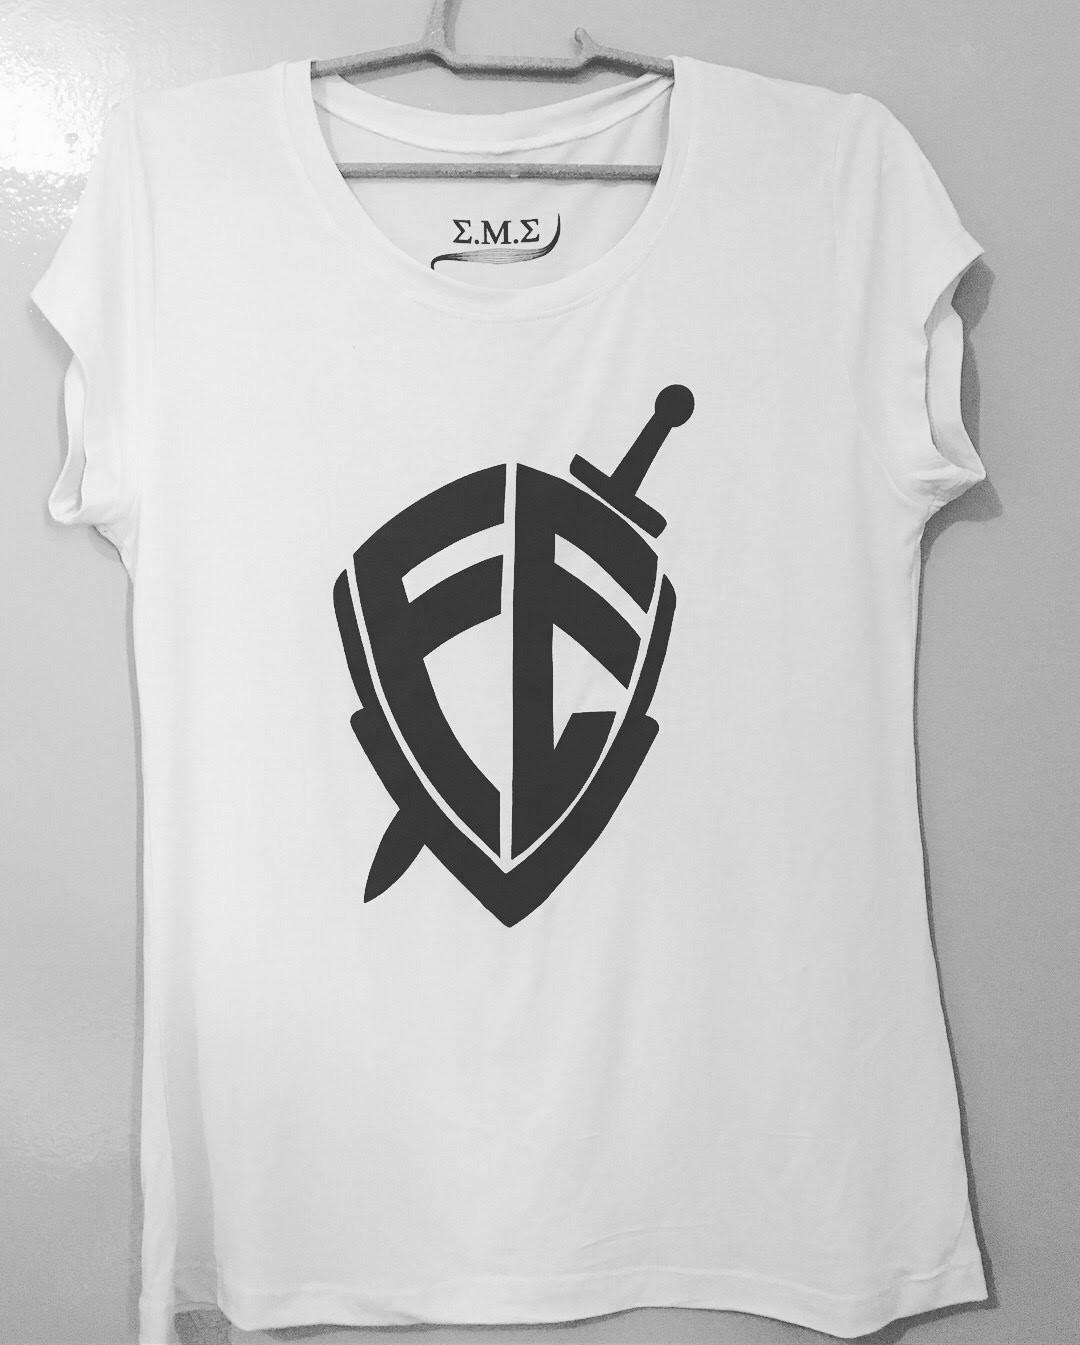 a9cf50bed4d Camiseta Raglan Evangelica Fe Escudo | Elo7